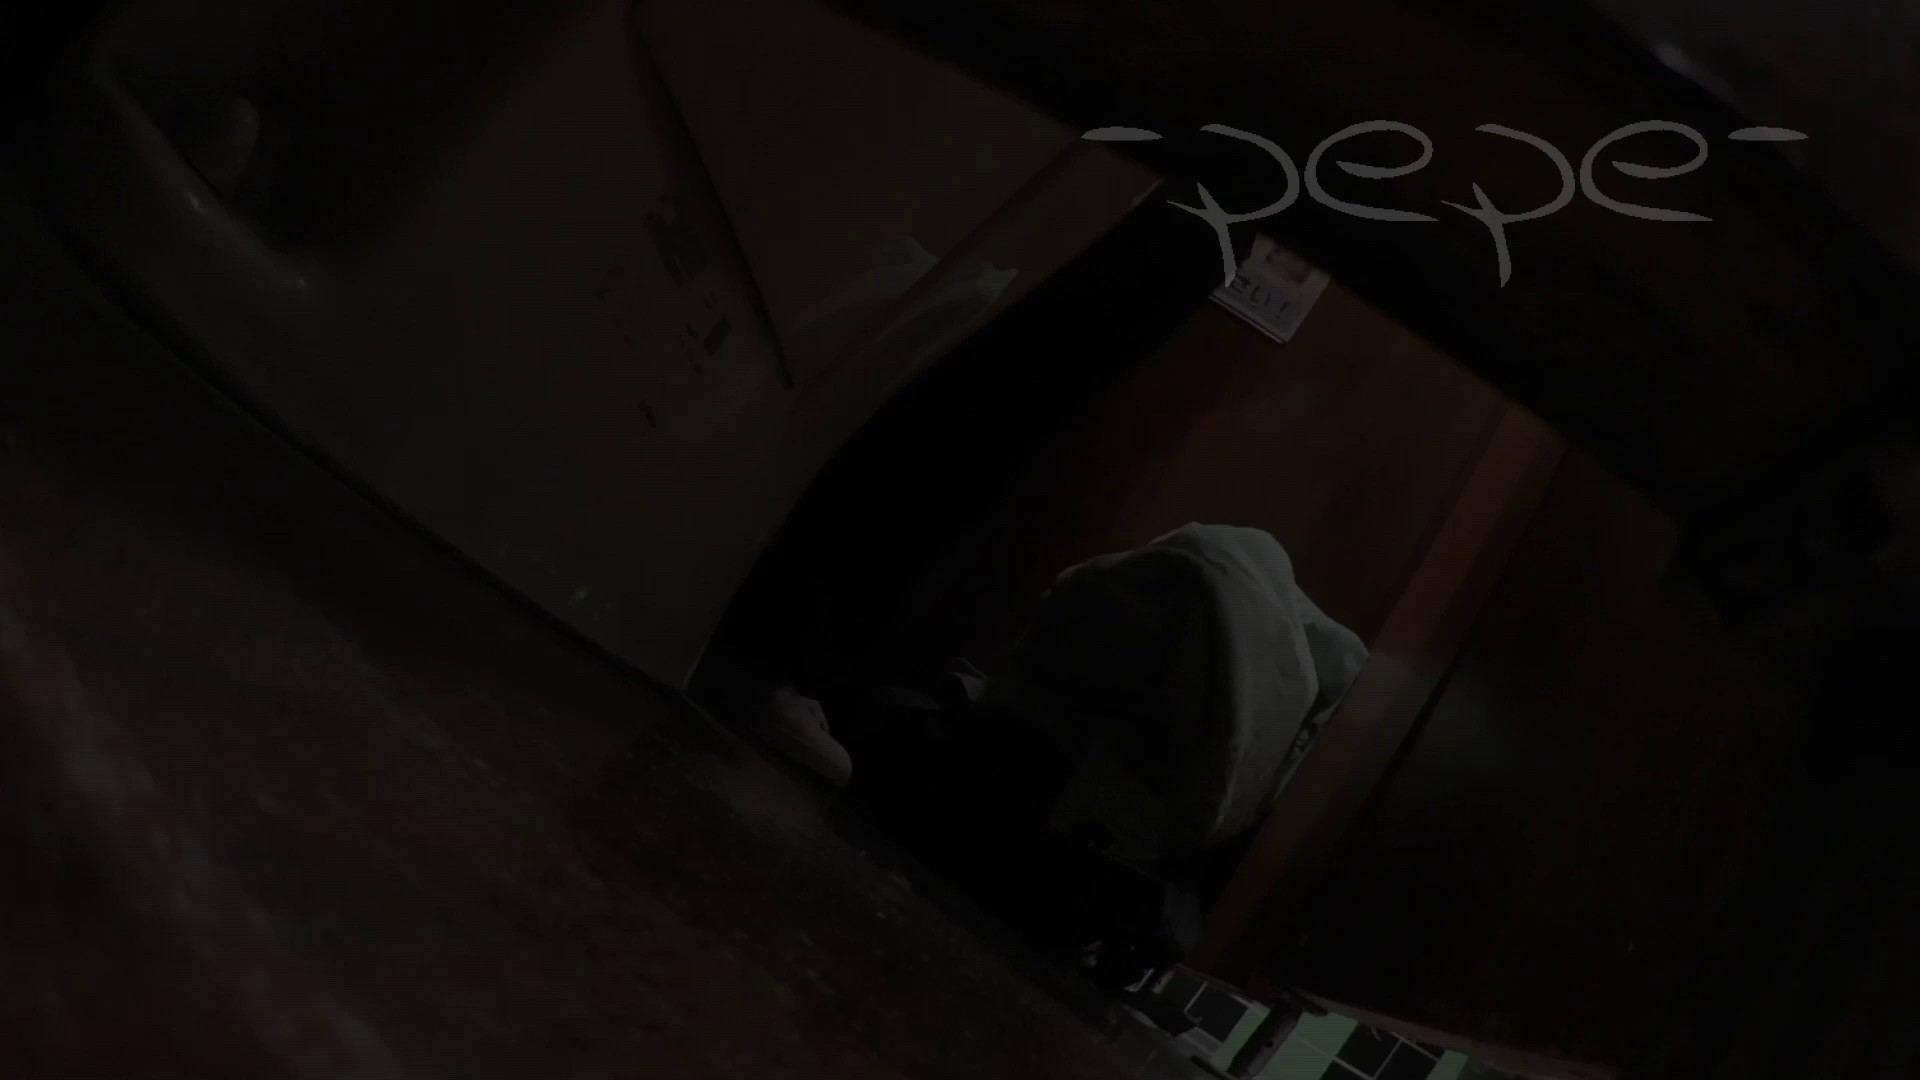 至高洗面所盗撮 29 至高店内撮り 見せますpepeの技!! 盗撮・必見 AV無料 100画像 48